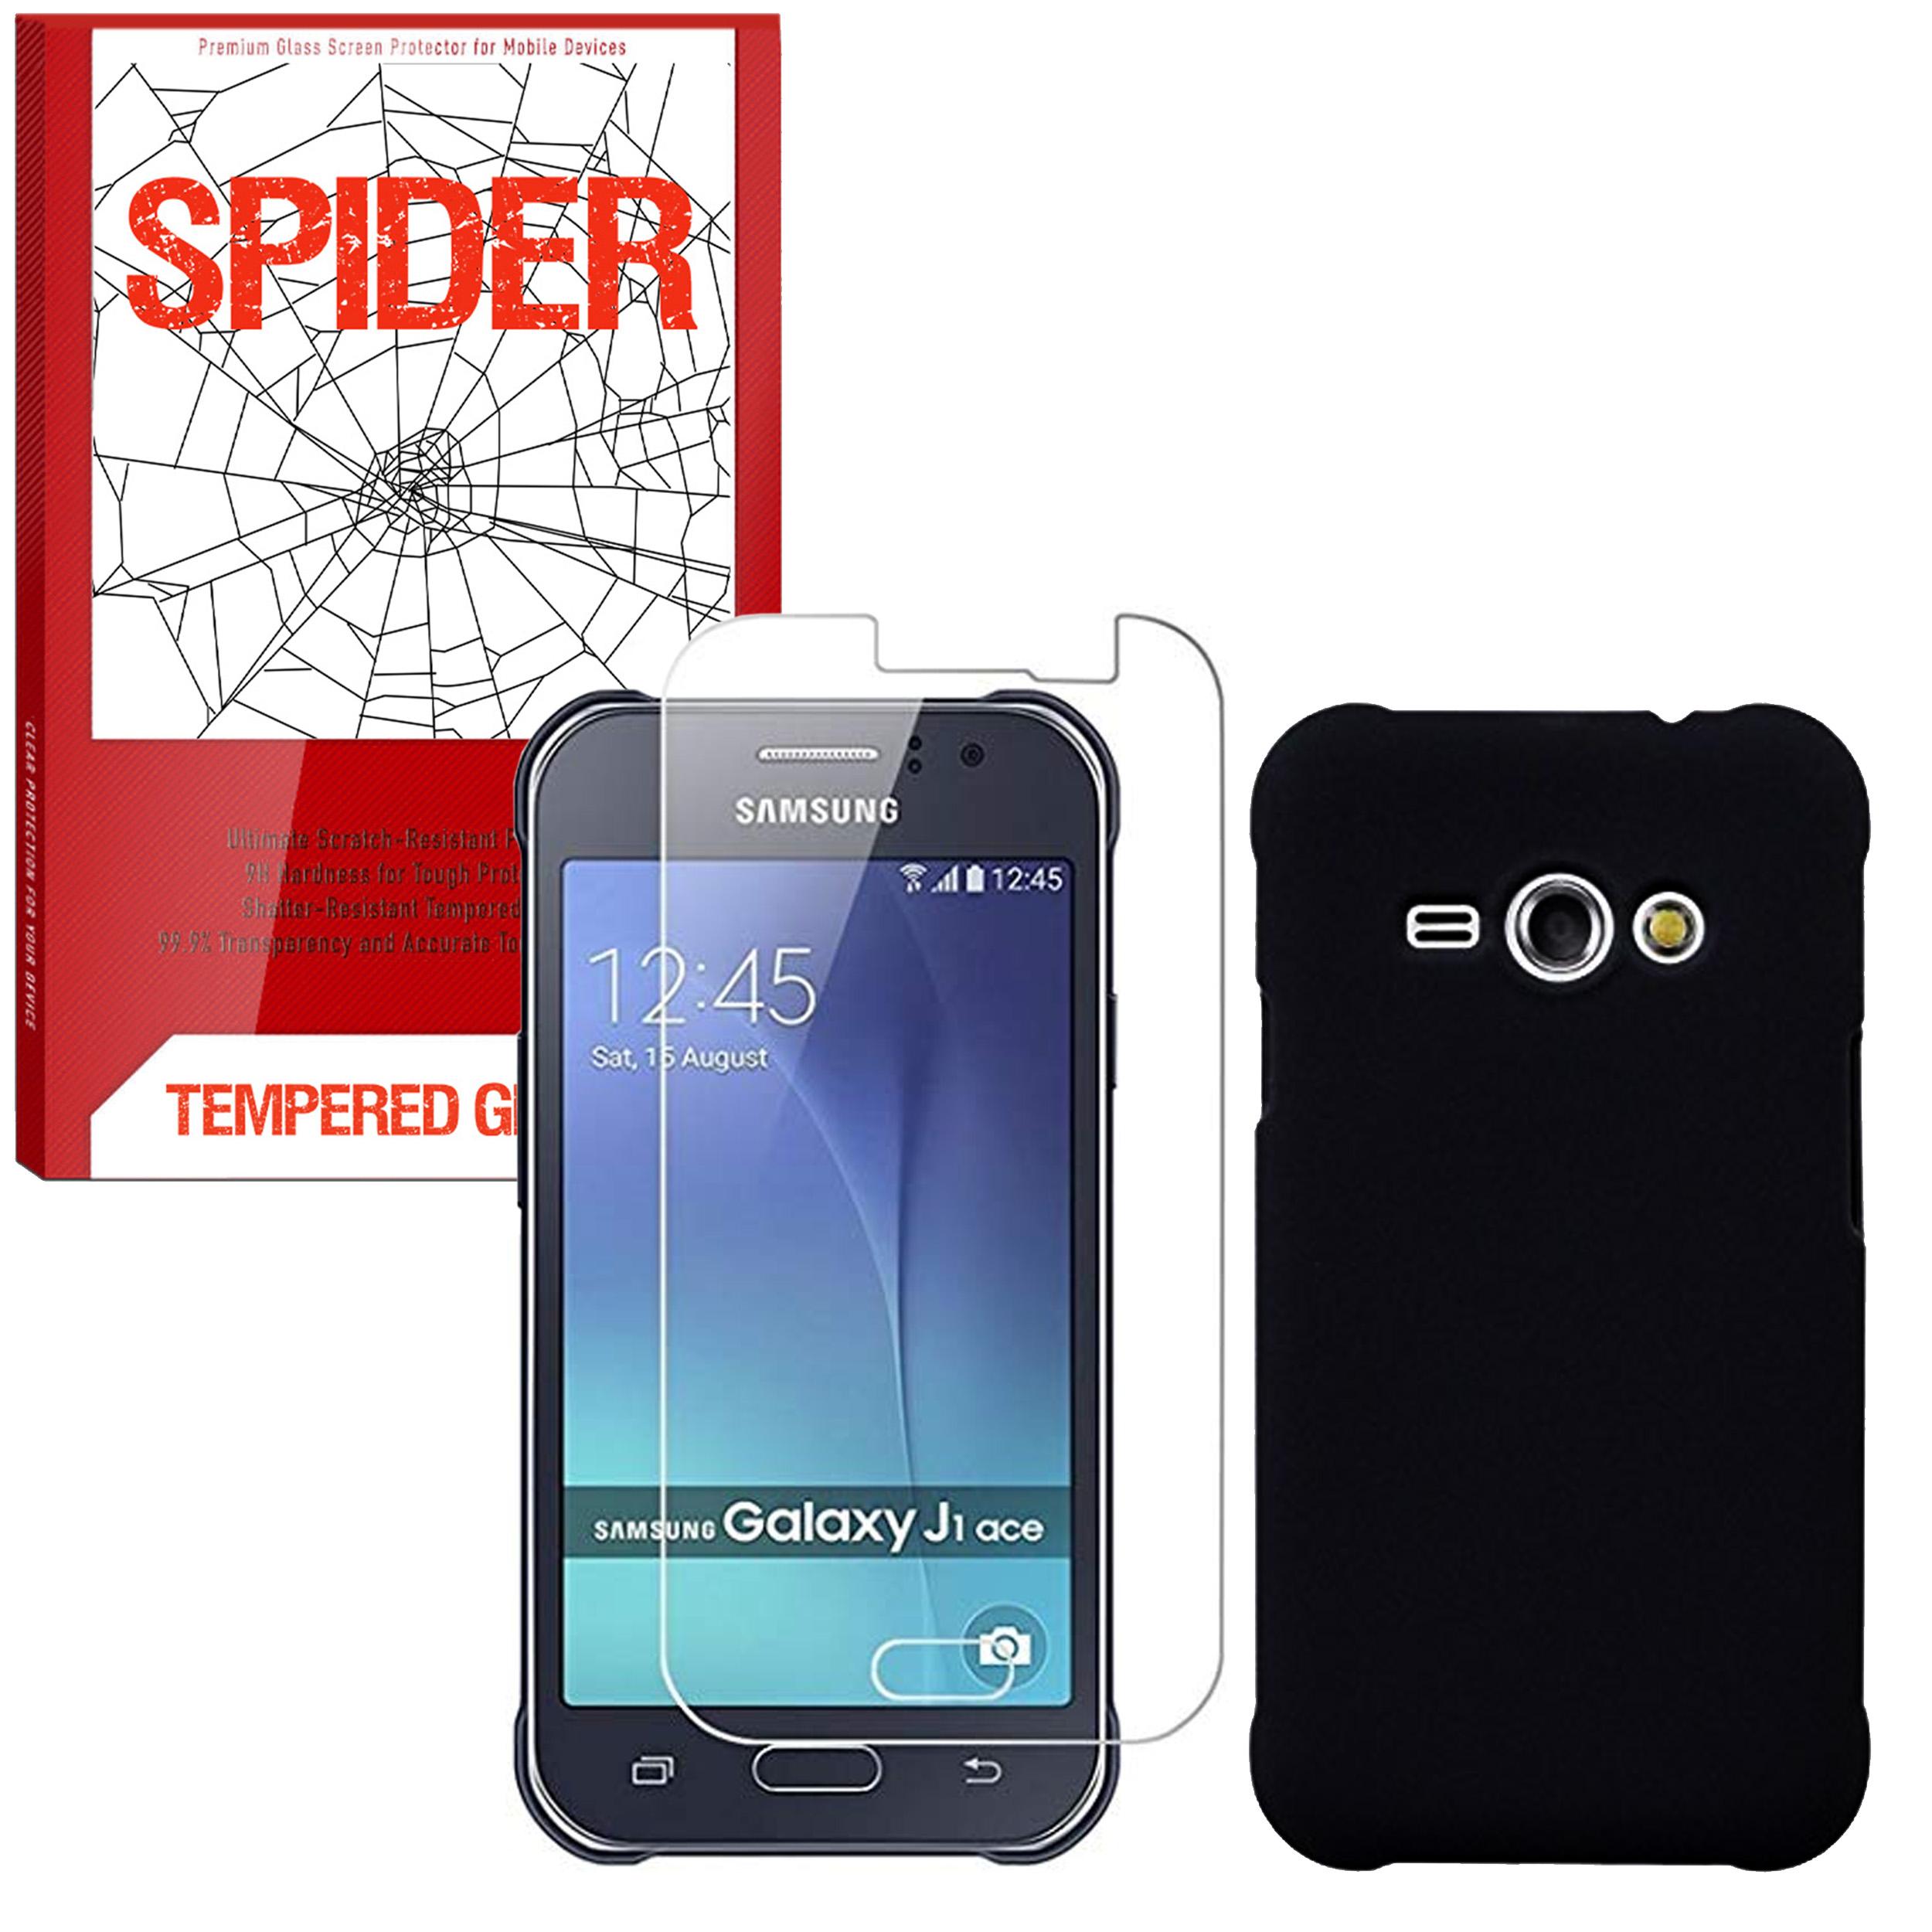 کاور مدل JEL-002 مناسب برای گوشی موبایل سامسونگ Galaxy J1 Ace به همراه محافظ صفحه نمایش اسپایدر مدلSDS